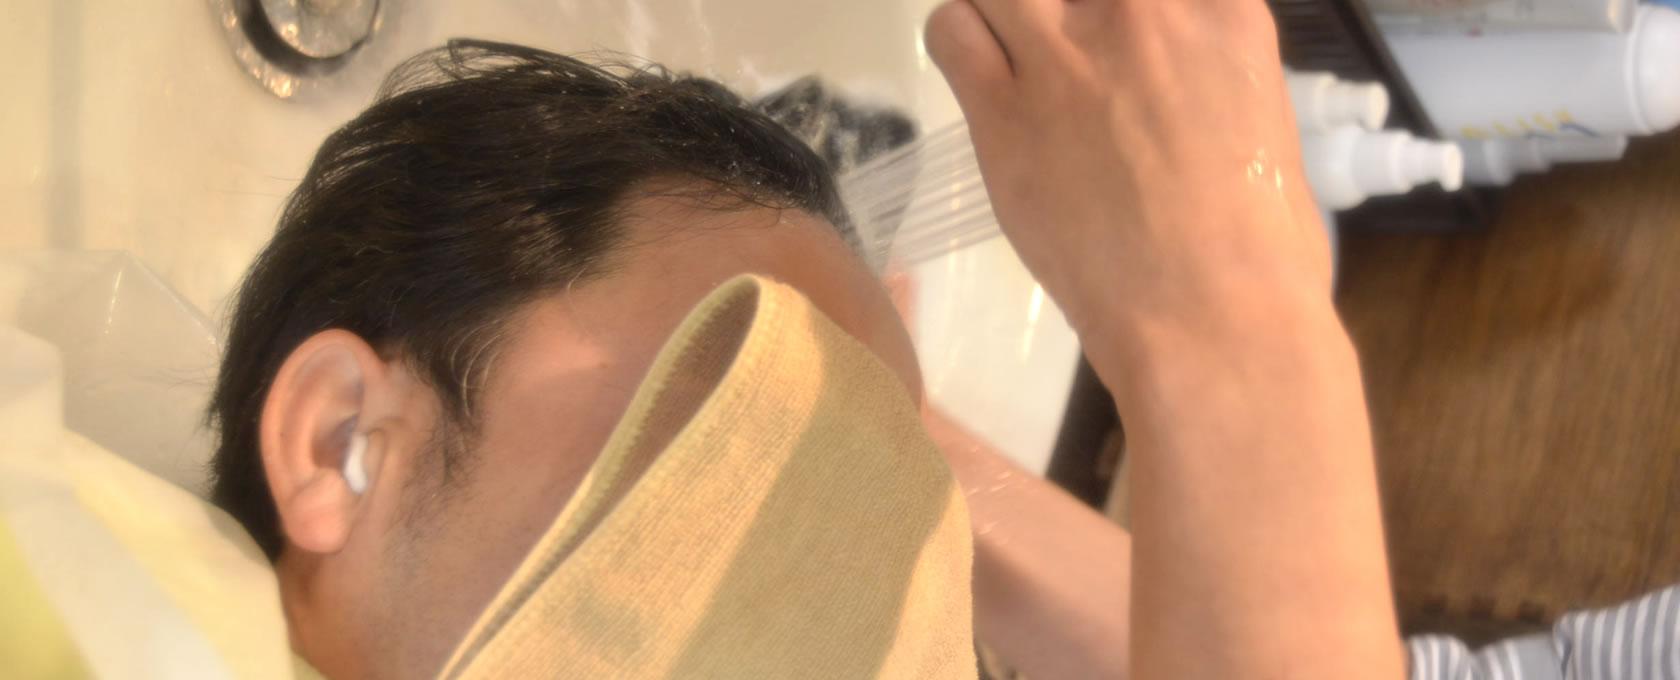 炭酸泉で髪と頭皮を清潔に